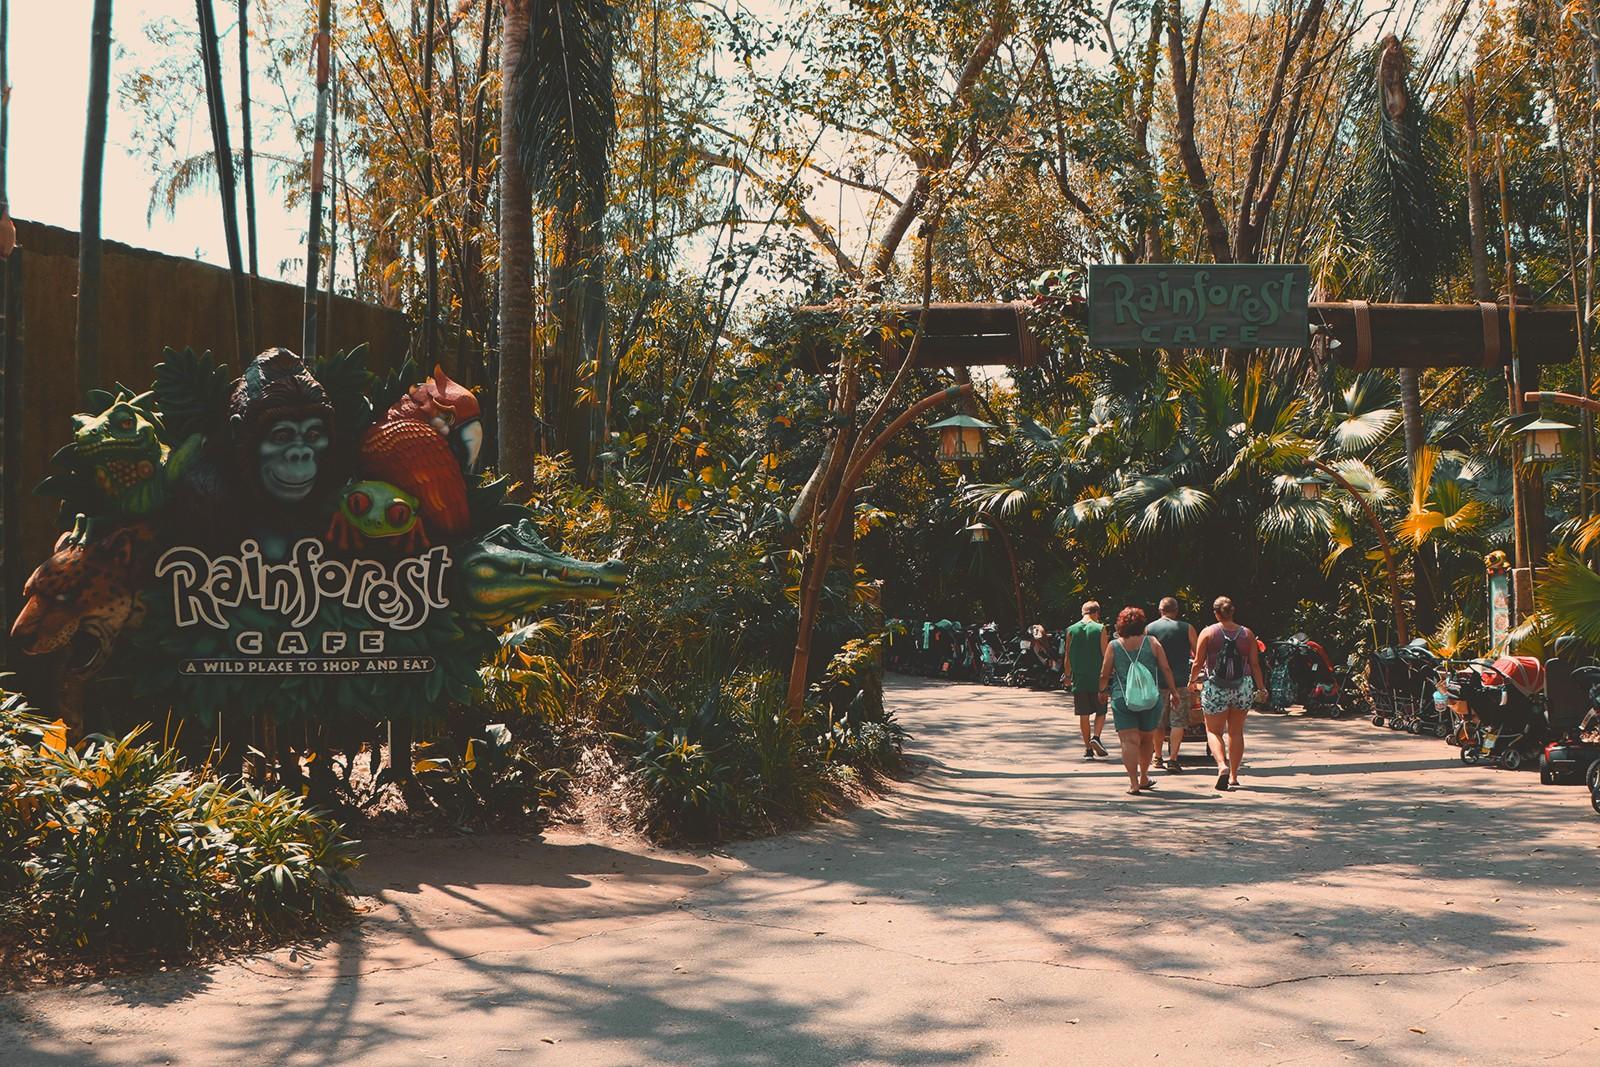 entrada restaurante rainforest cafe